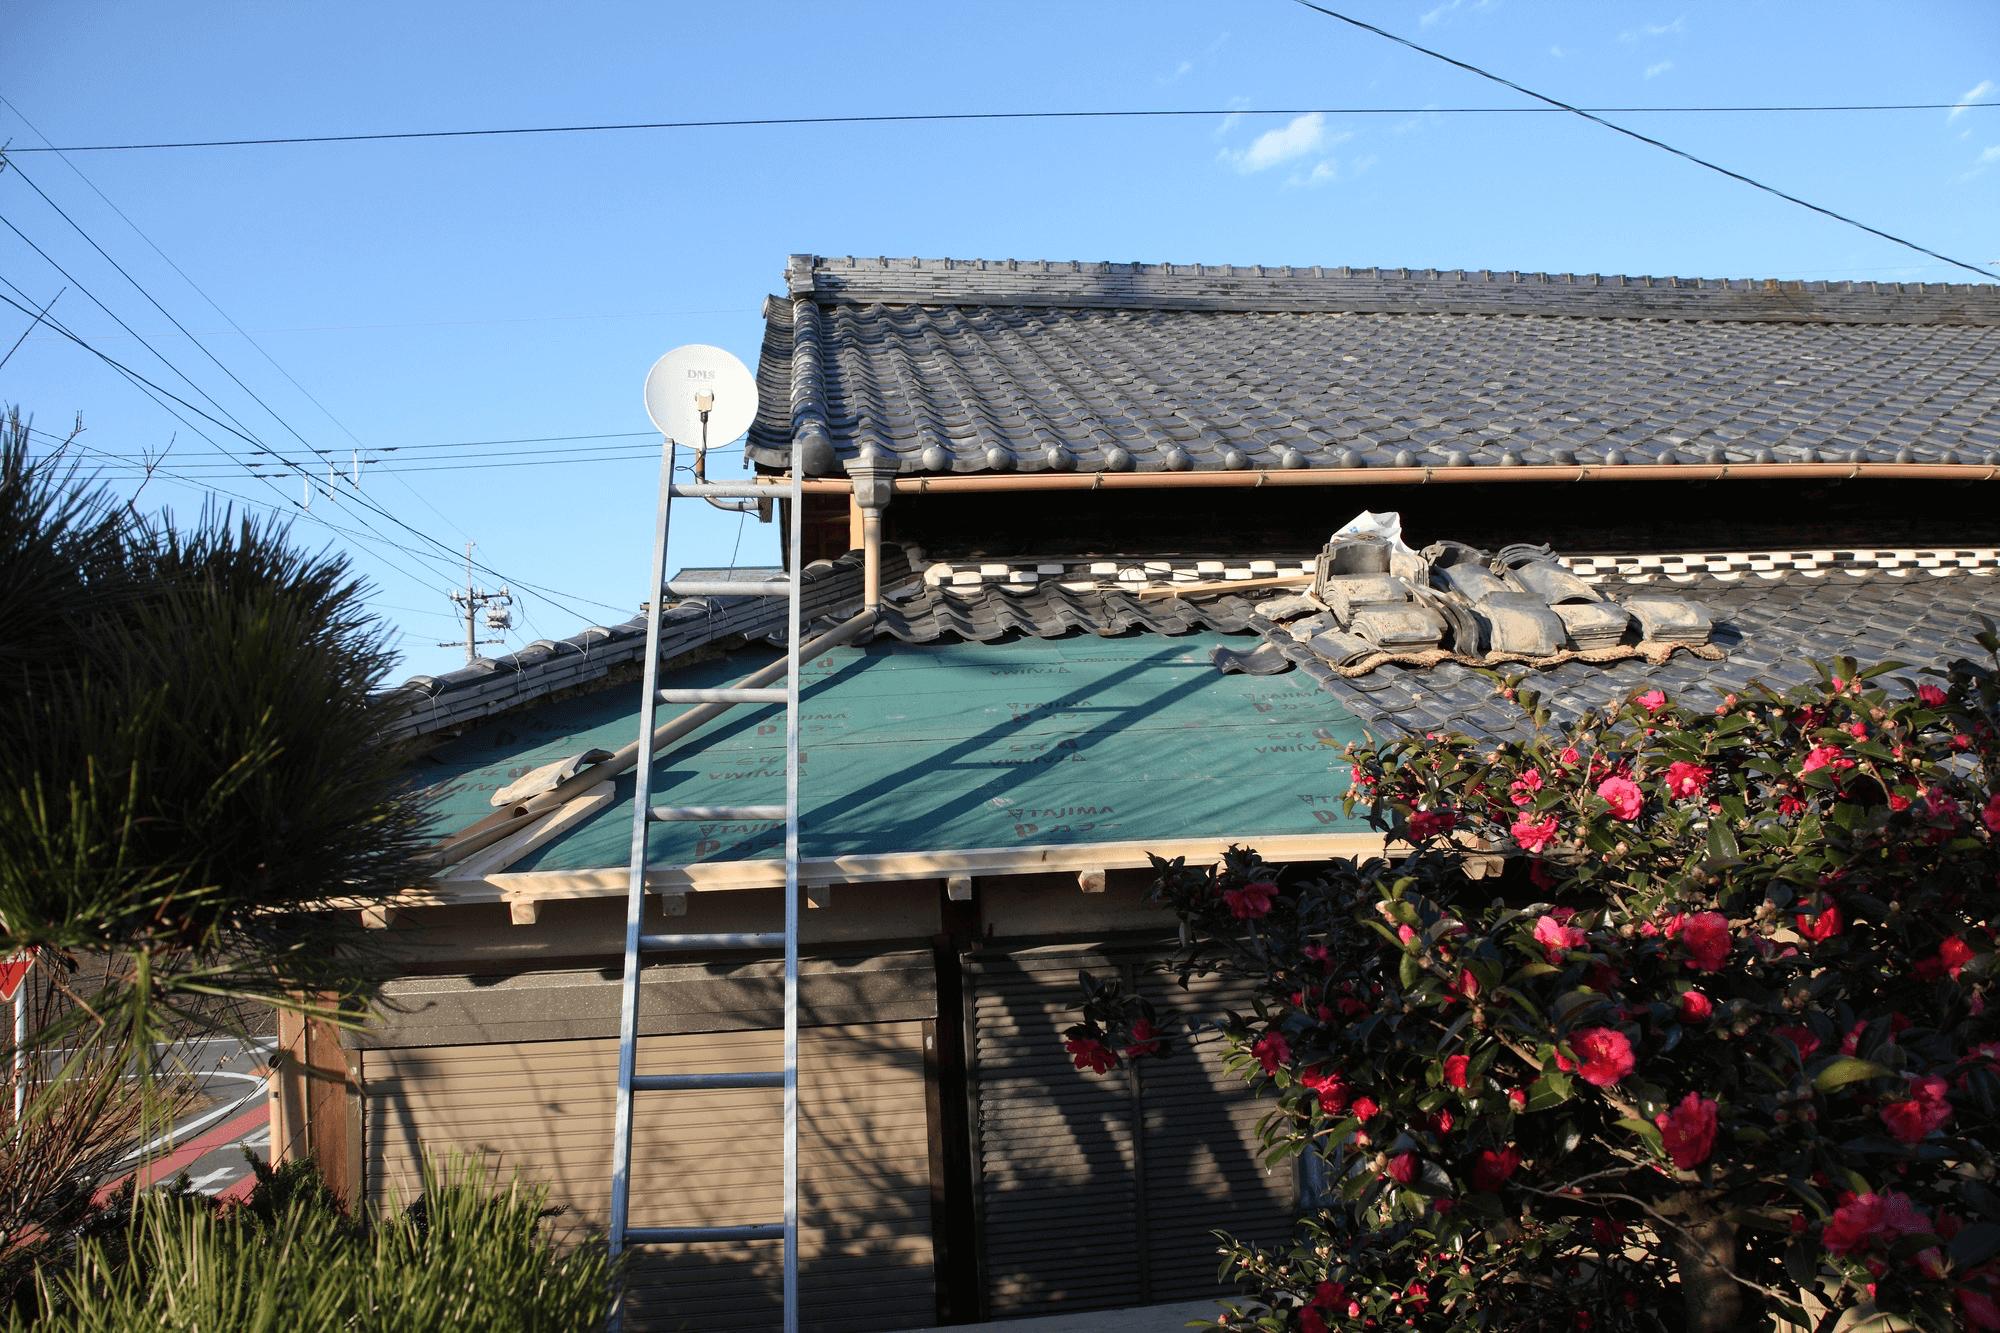 瓦のルーフィング(防水シート)と外壁の納まりの部分